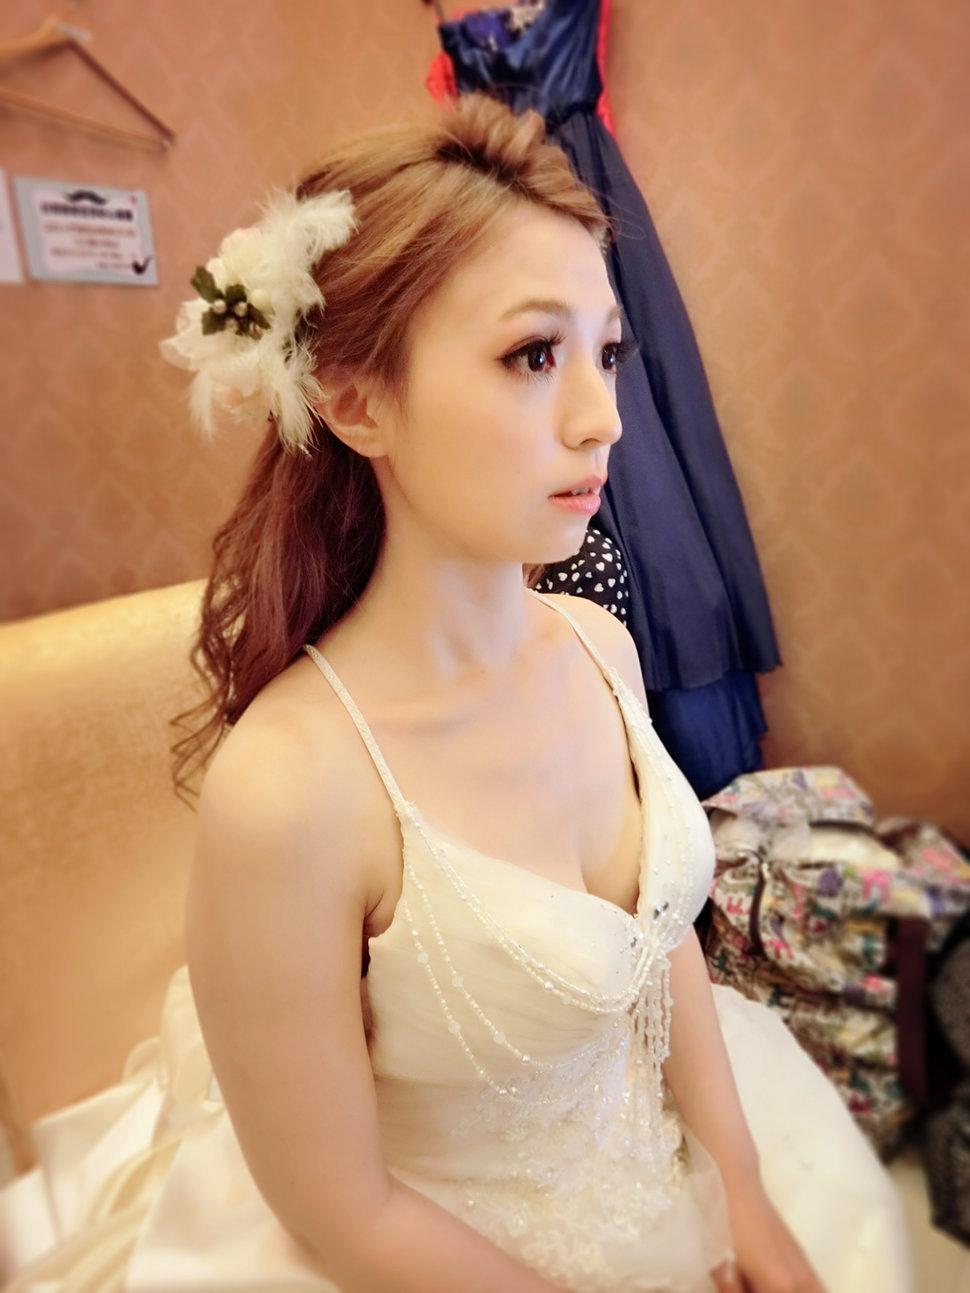 CIMG1486_mh1510554243567 - 新娘祕書 玉晏 - 結婚吧